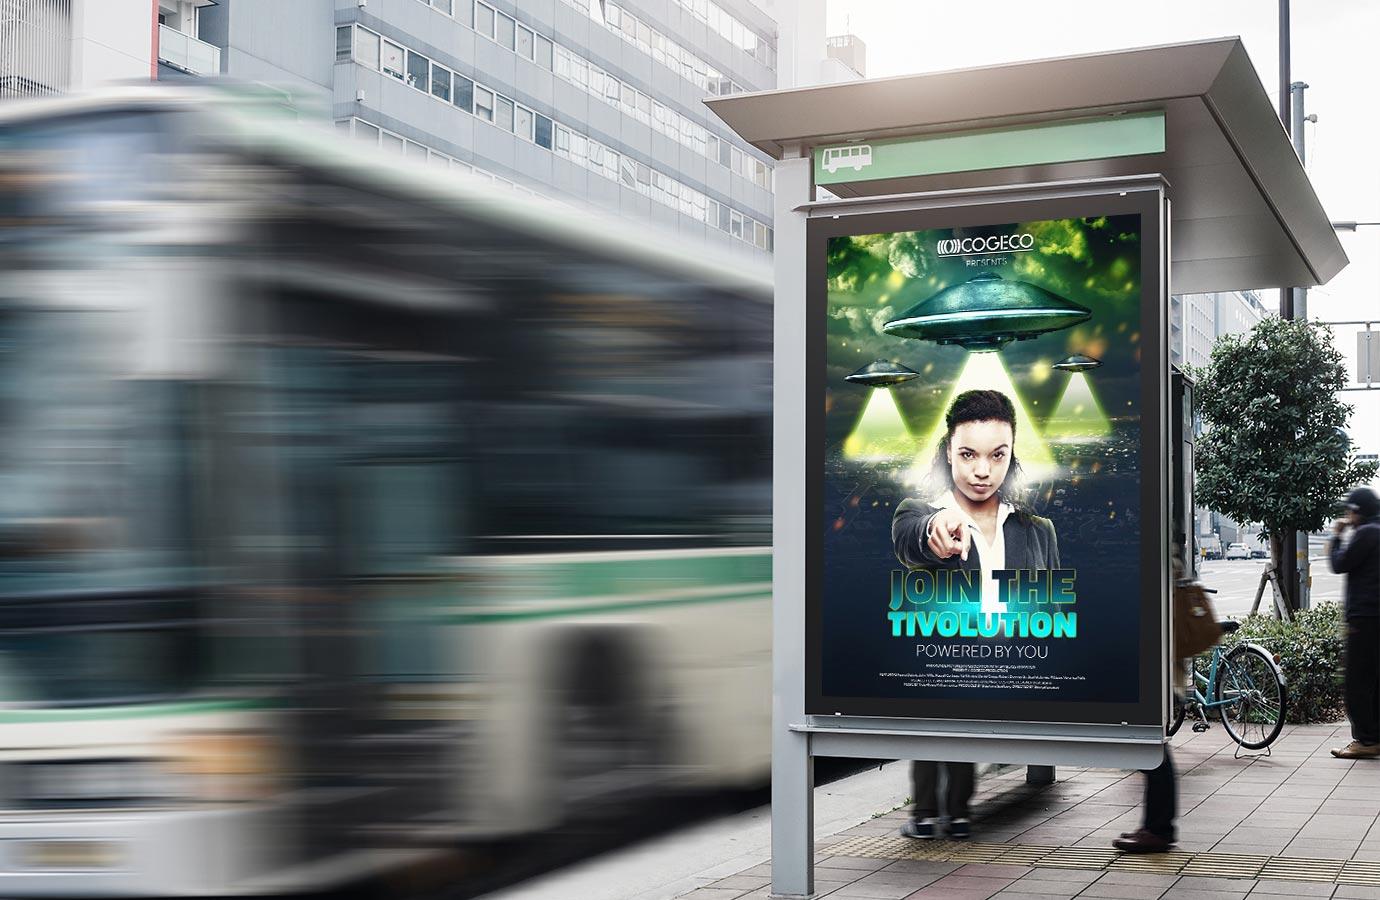 campagne publicitaire affichage pour Cogeco Tivo